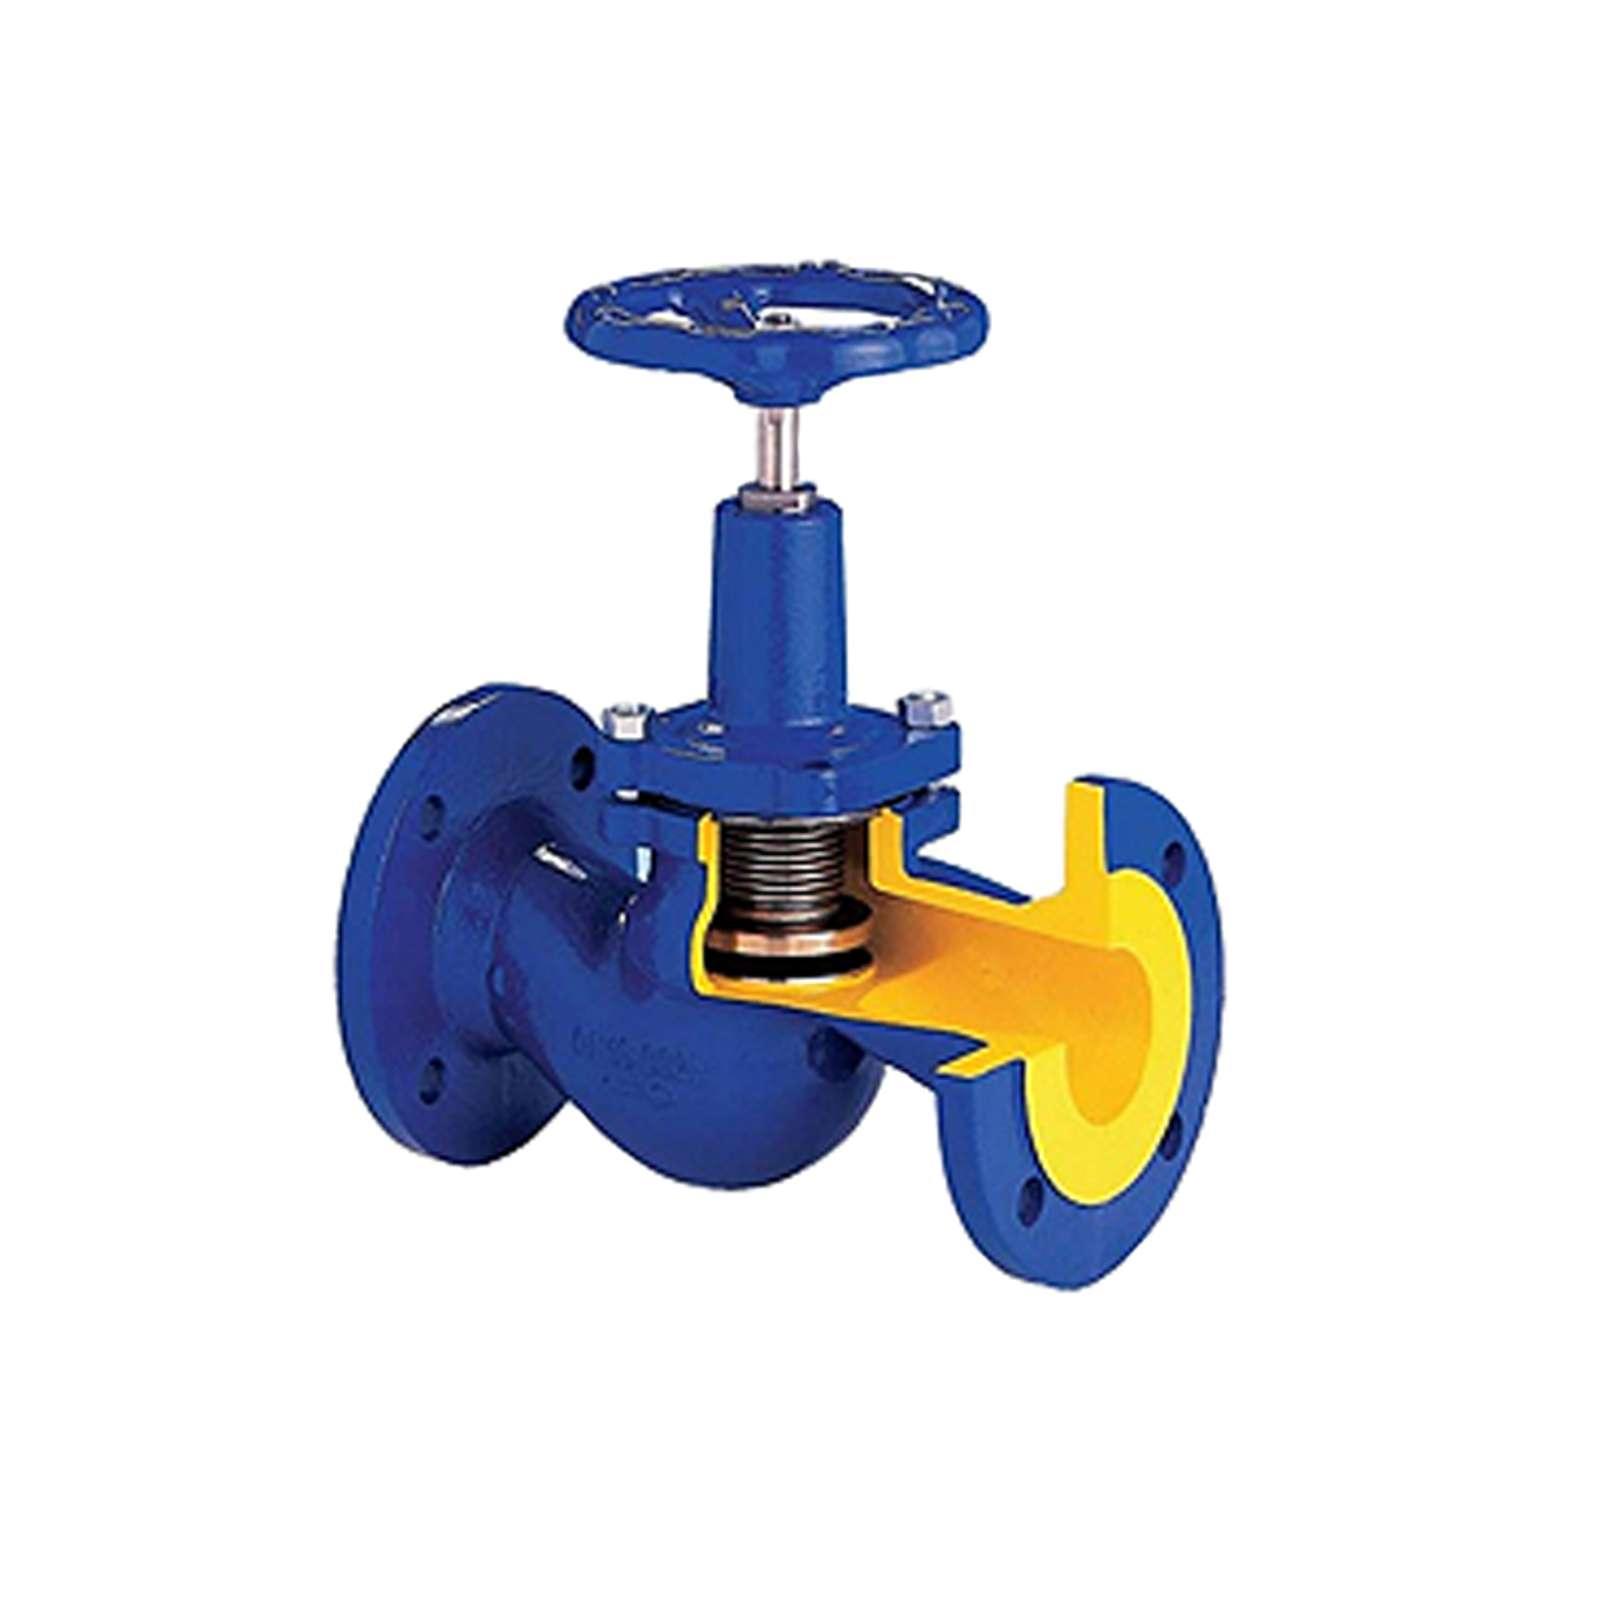 Вентиль запорный для пара BROEN GG-25 ф/ф Ду 25 Ру 16 t max 300°С с сильфонным уплотнением V234-25